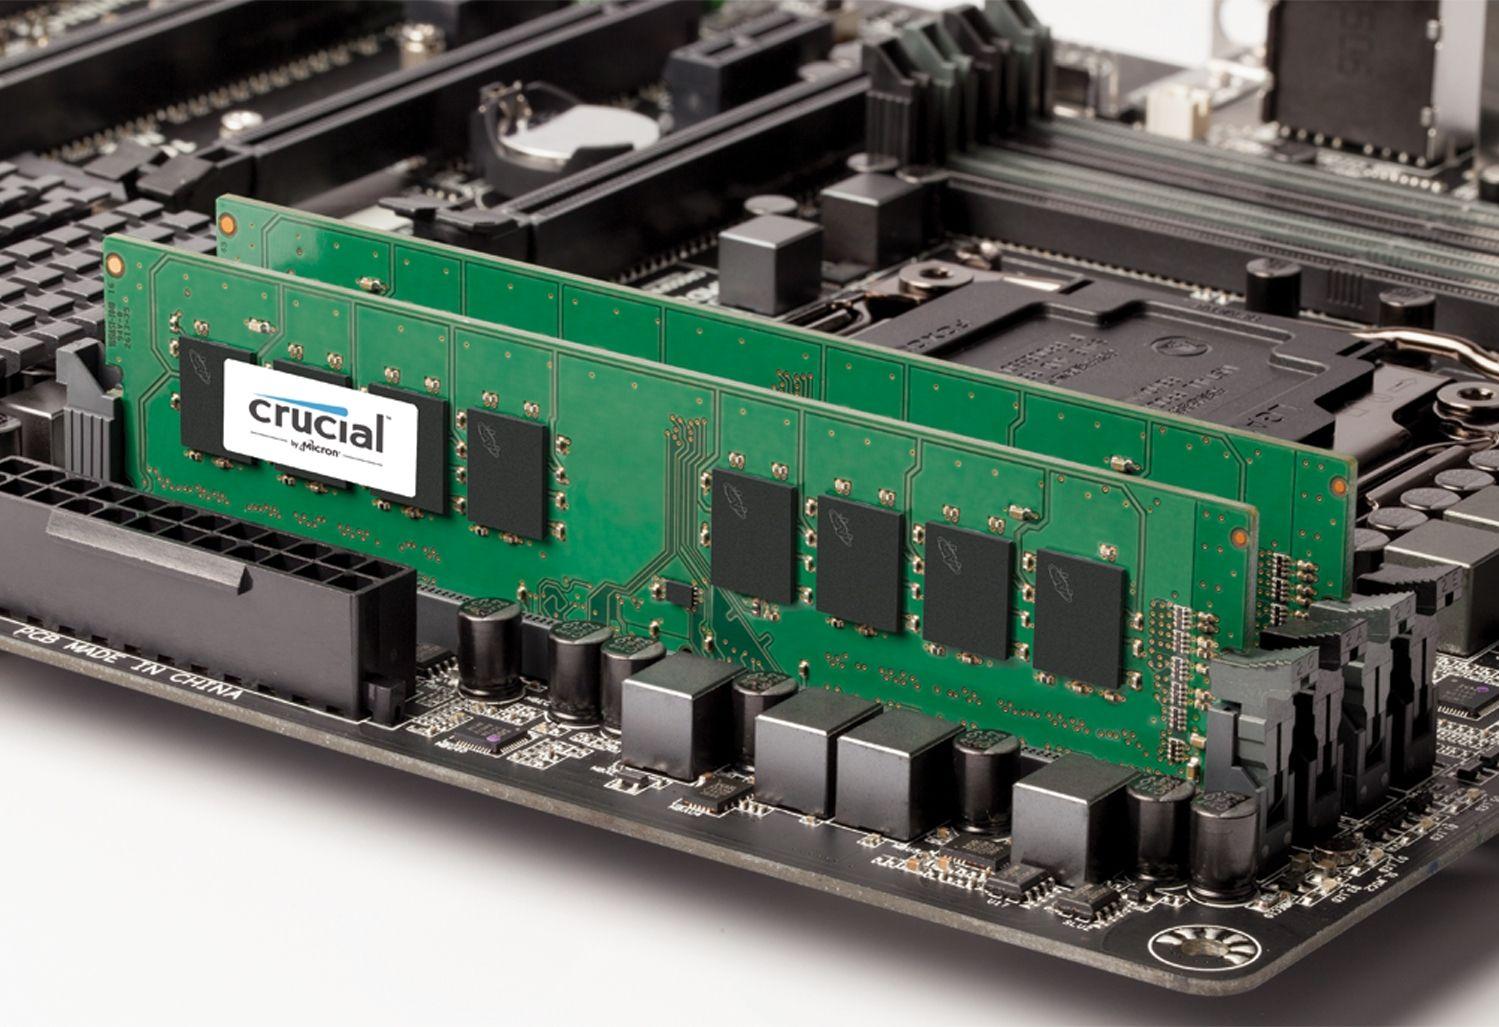 安裝於主機板上的兩組 Crucial RAM 記憶體模組